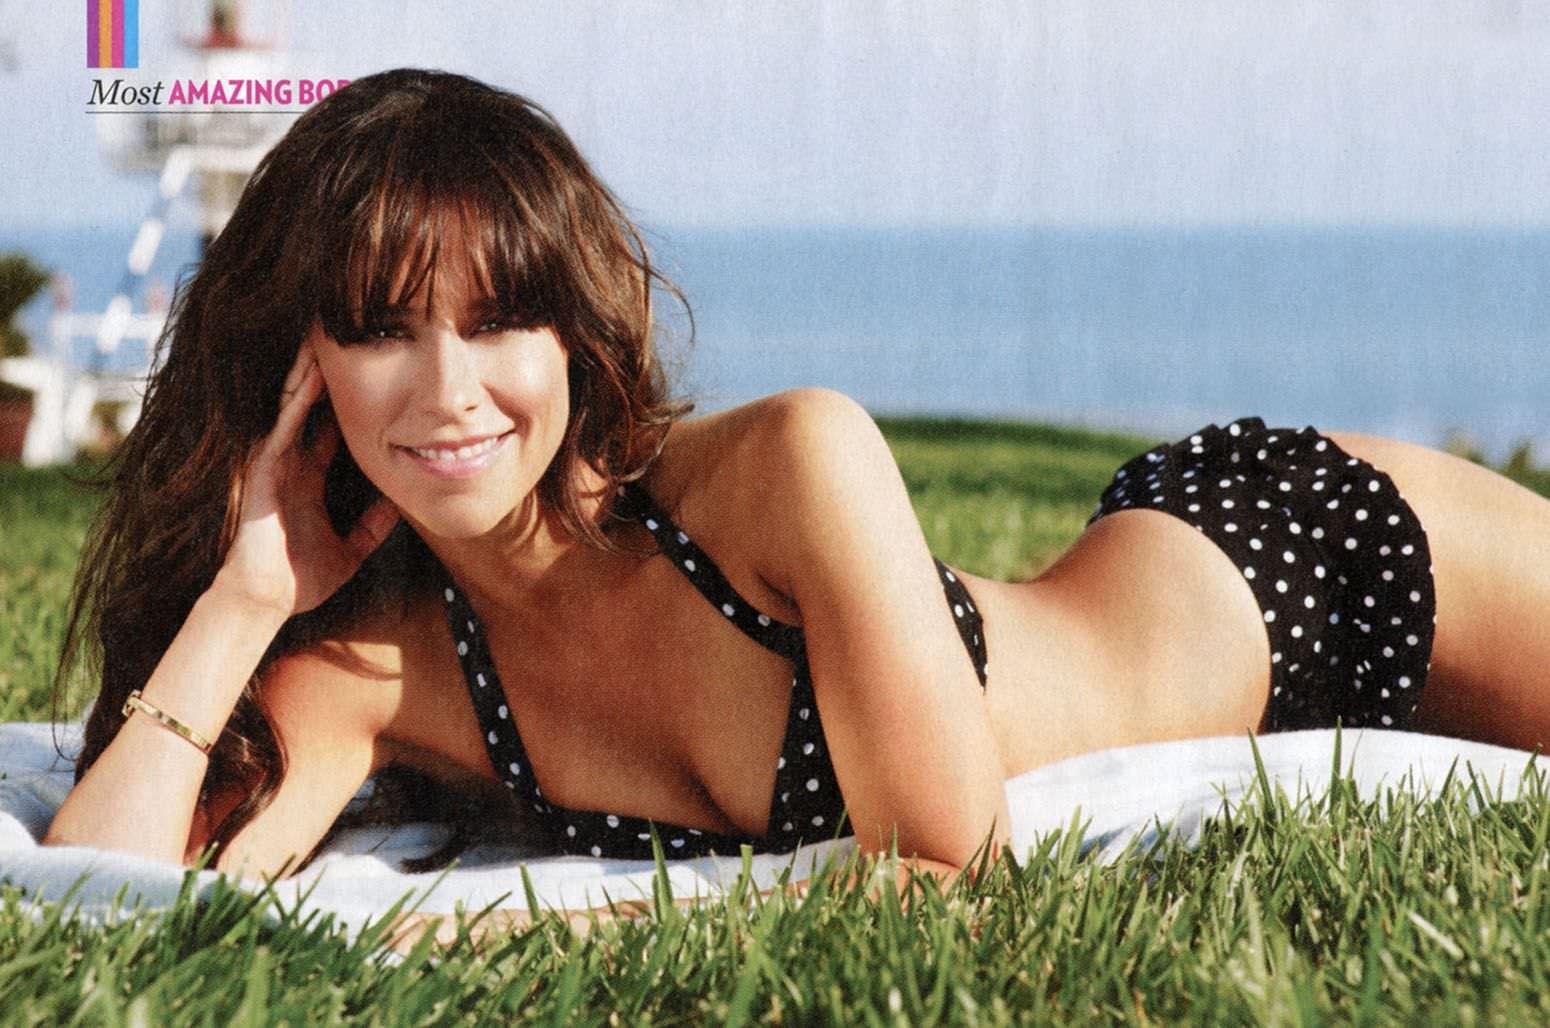 Bikini hewitt jennifer love pic adult